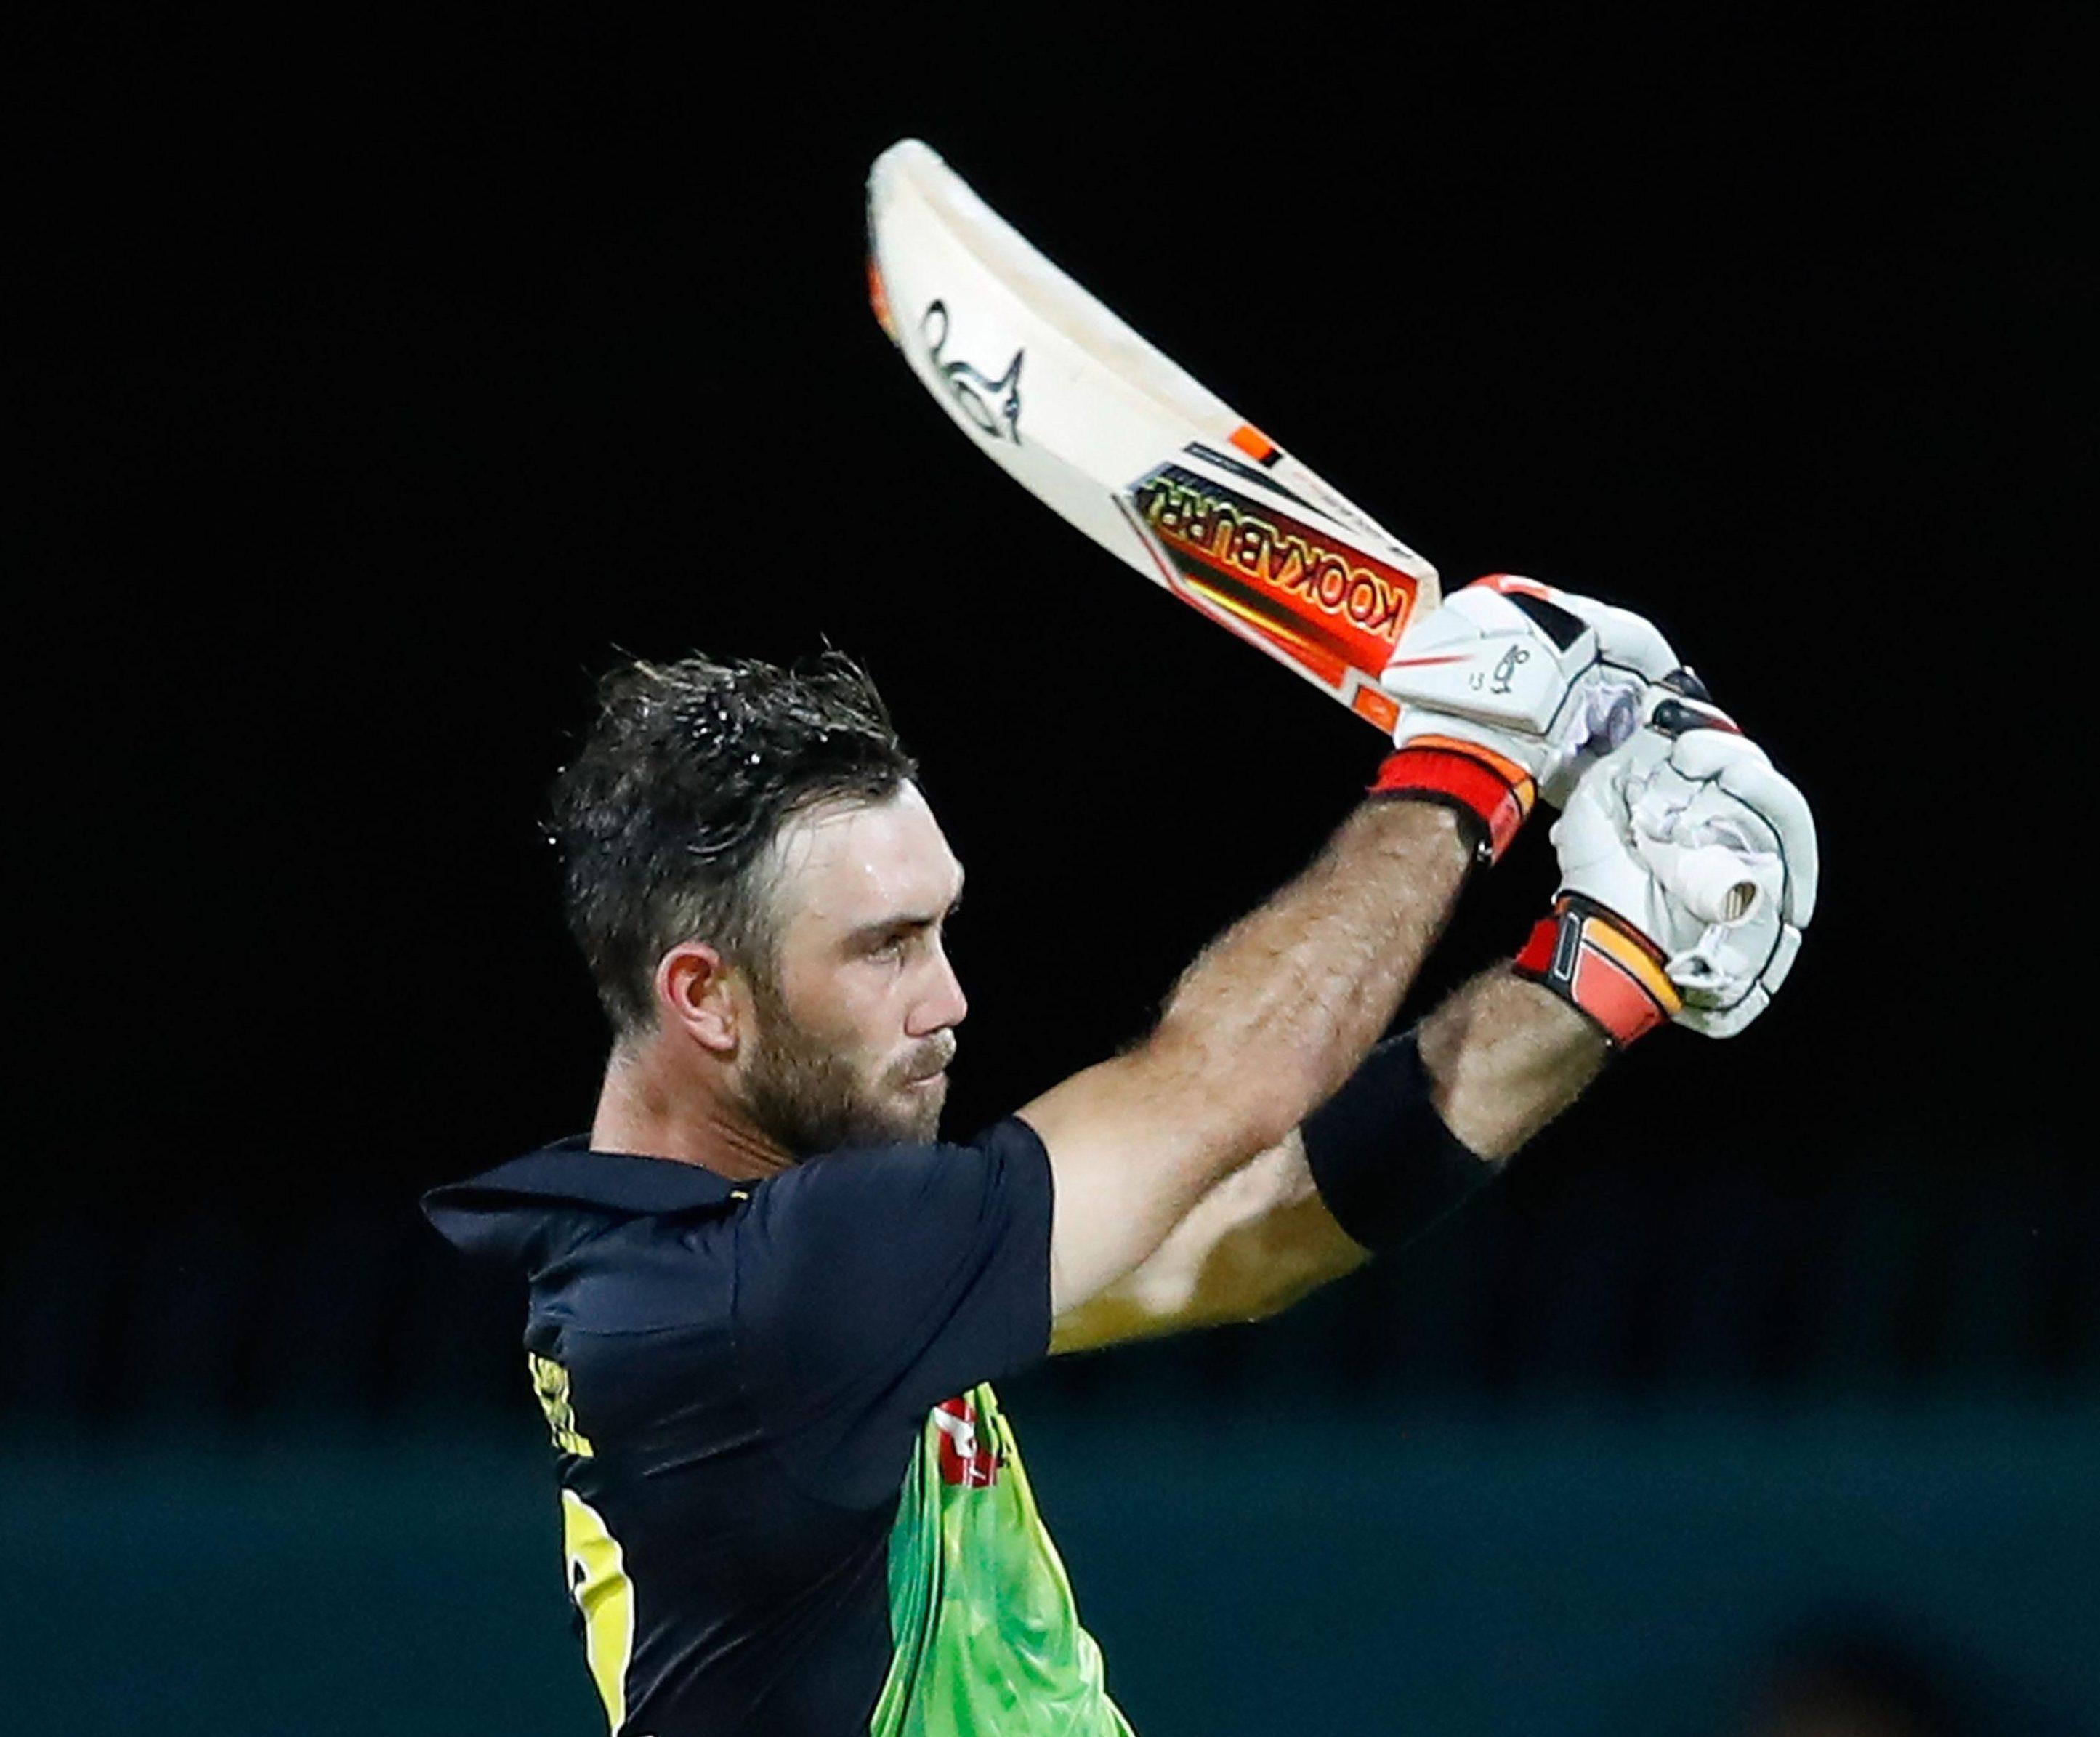 Glenn Maxwell powered Australia to victory in the Hobart showdown